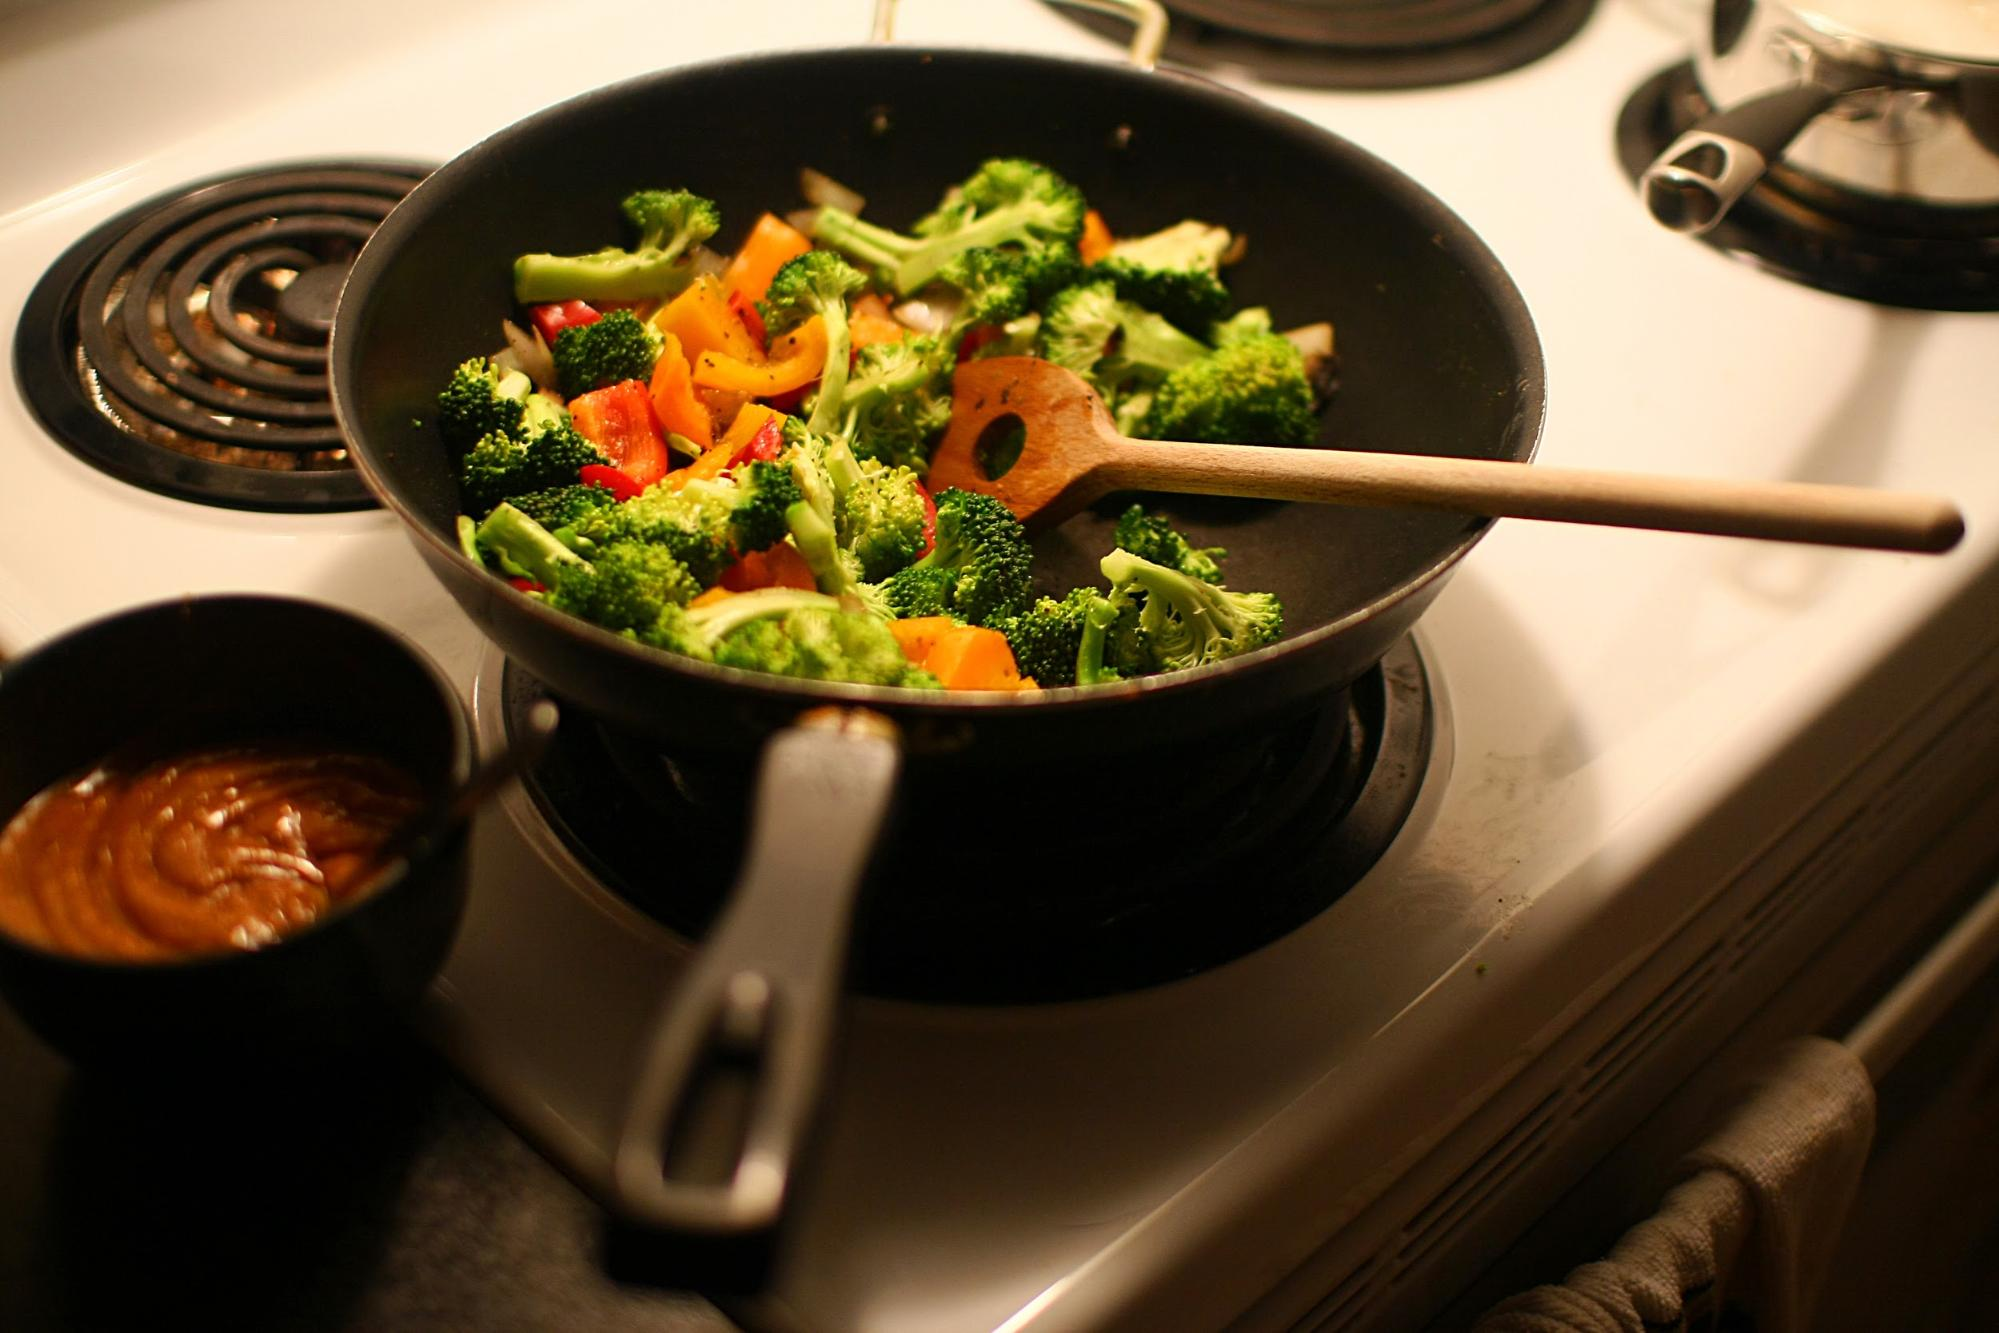 洗过的蔬菜